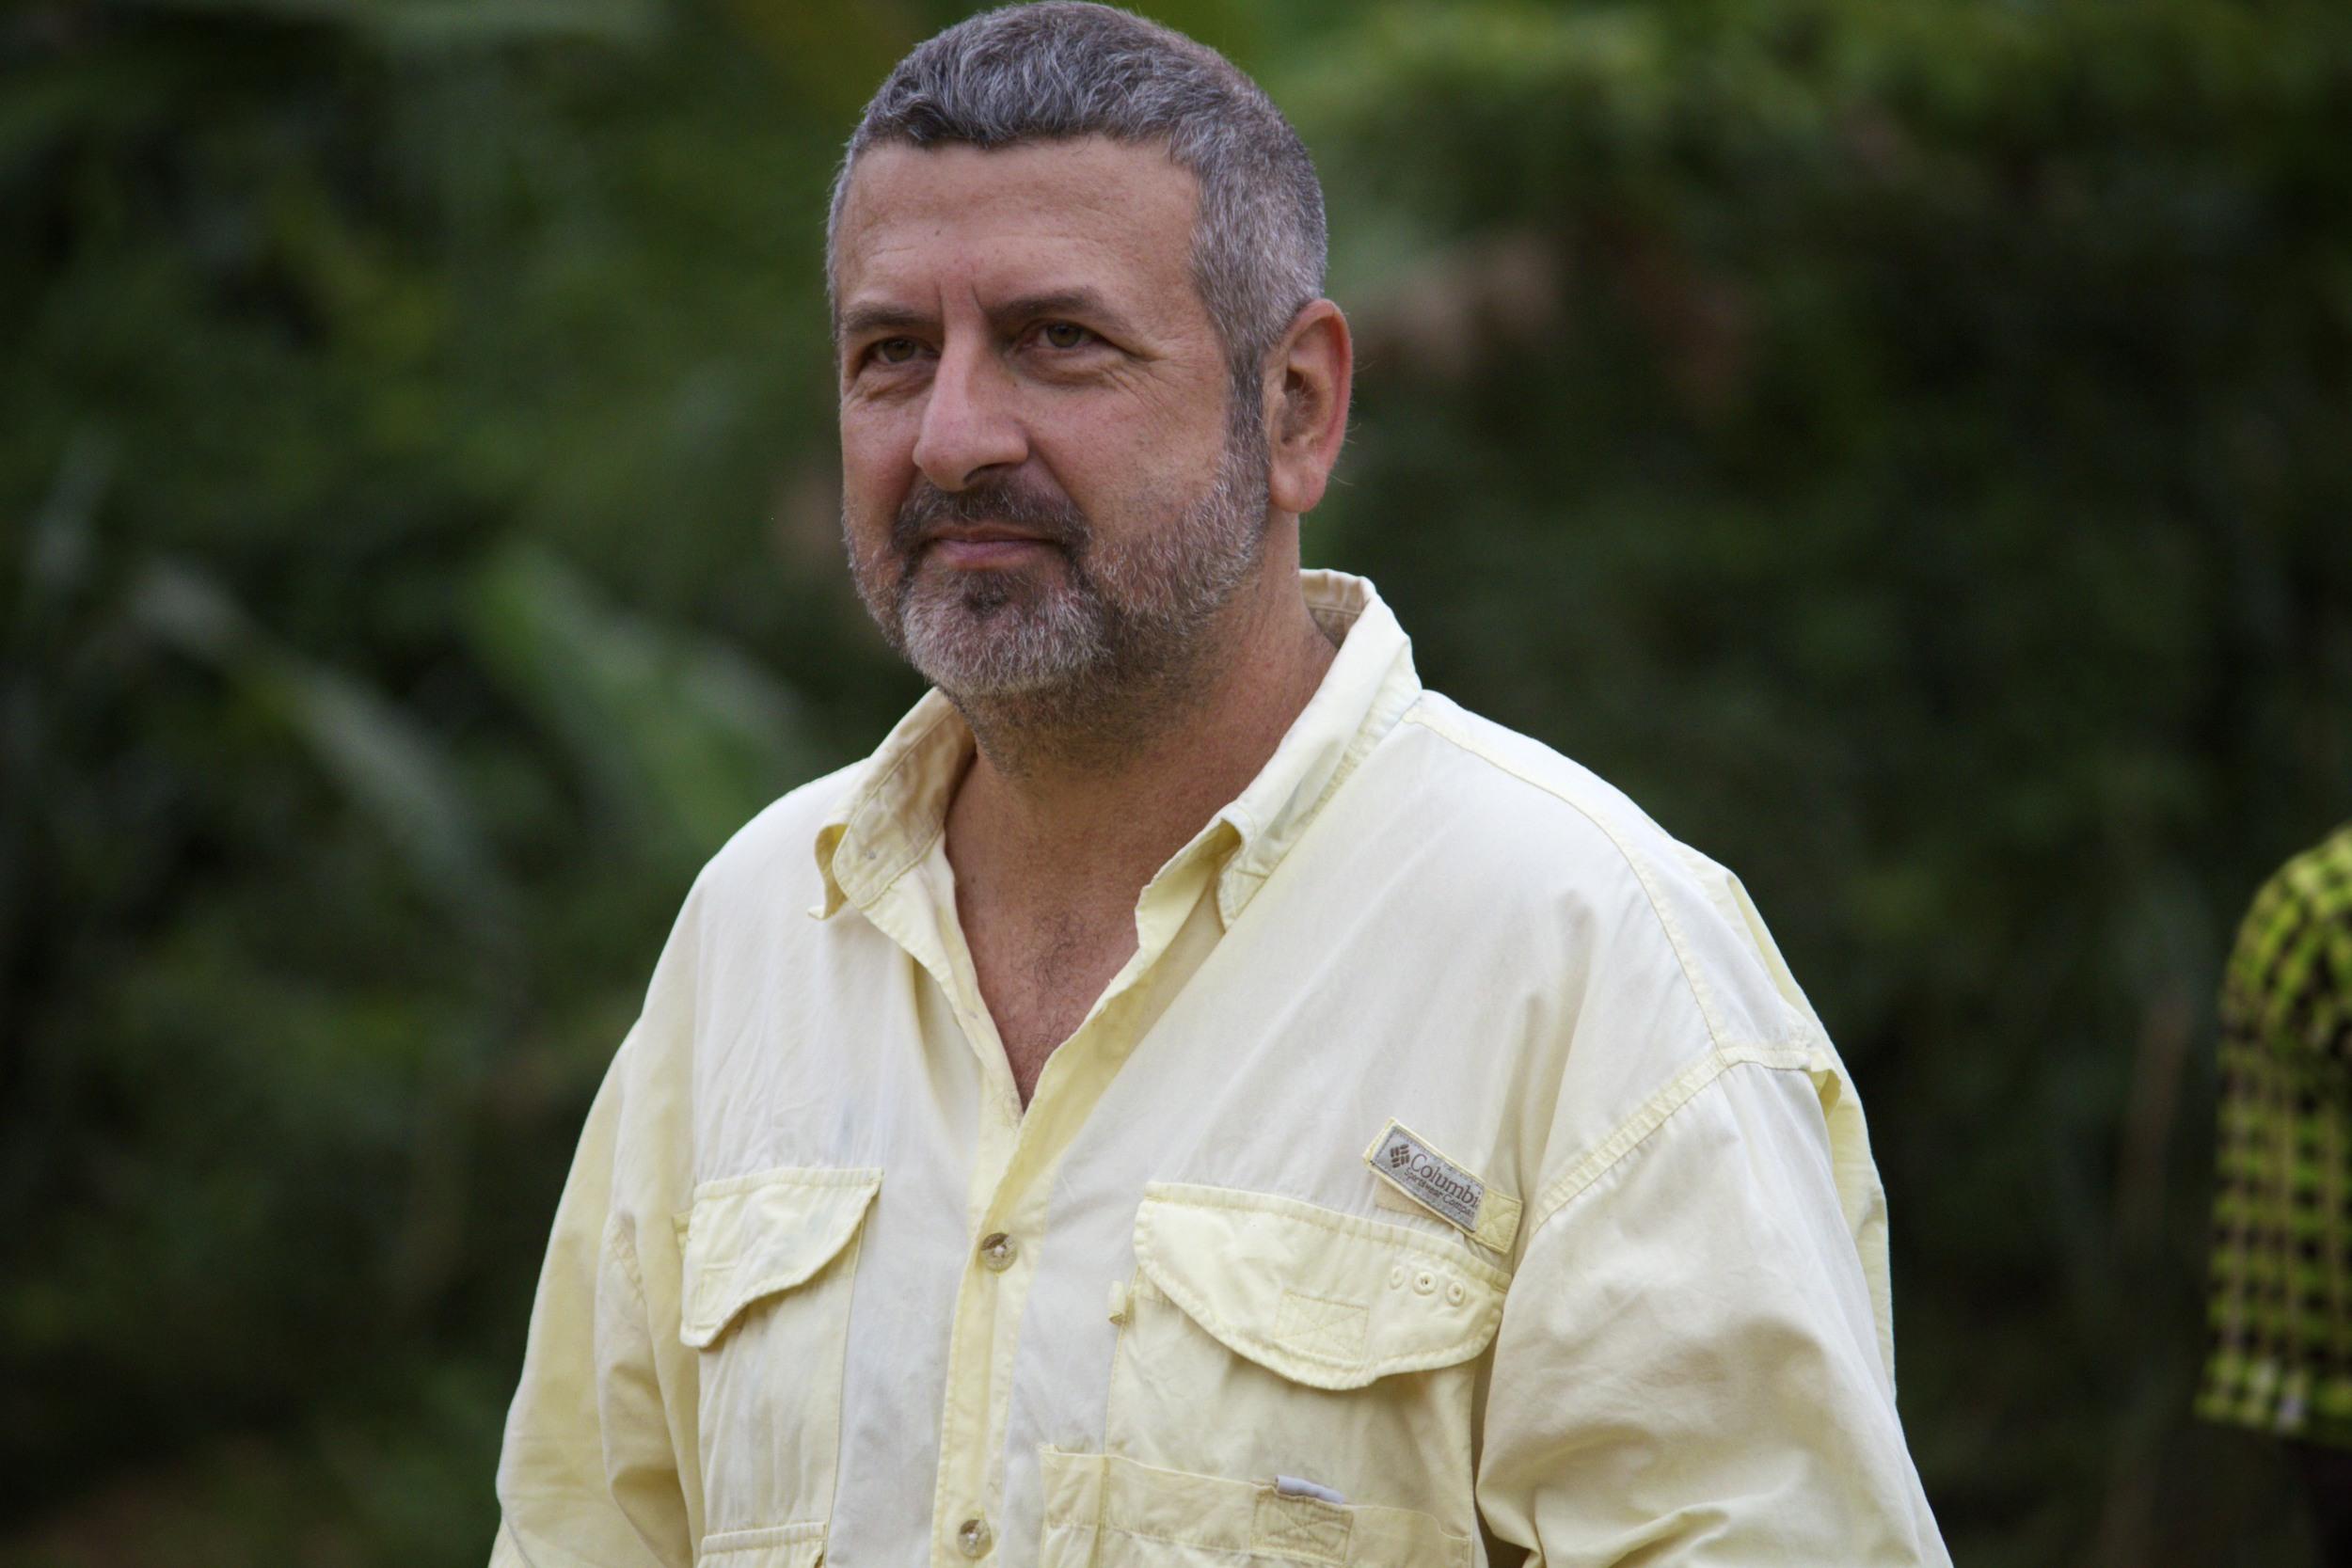 Joey Romero